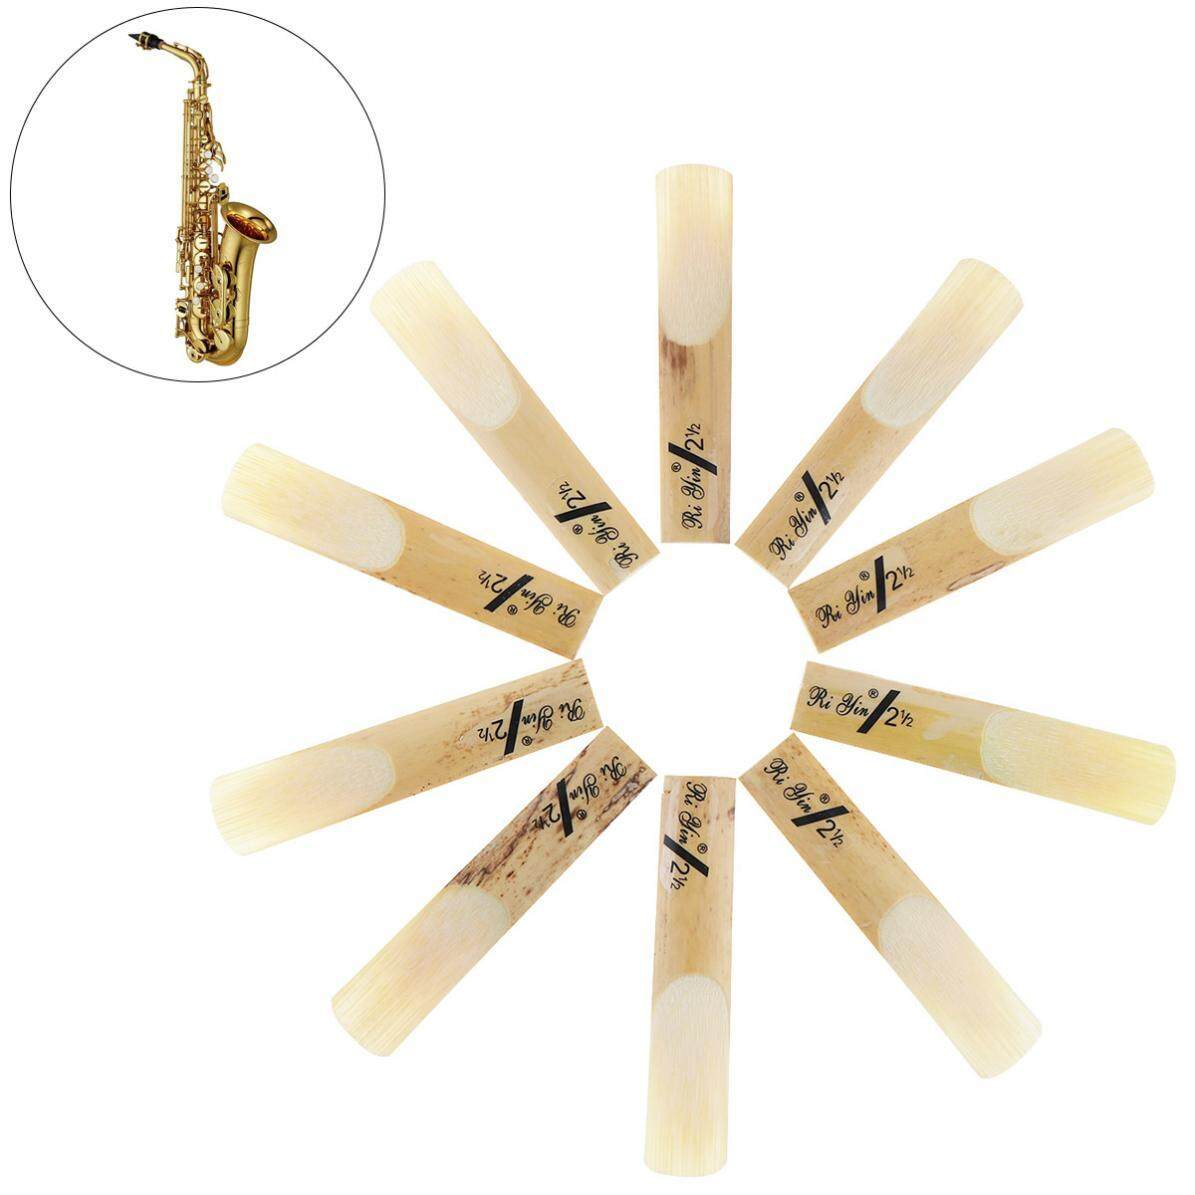 10pcs Tenor bB Saxophone Sax Bamboo Reeds 2-1/2 Strength 2.5 - intl